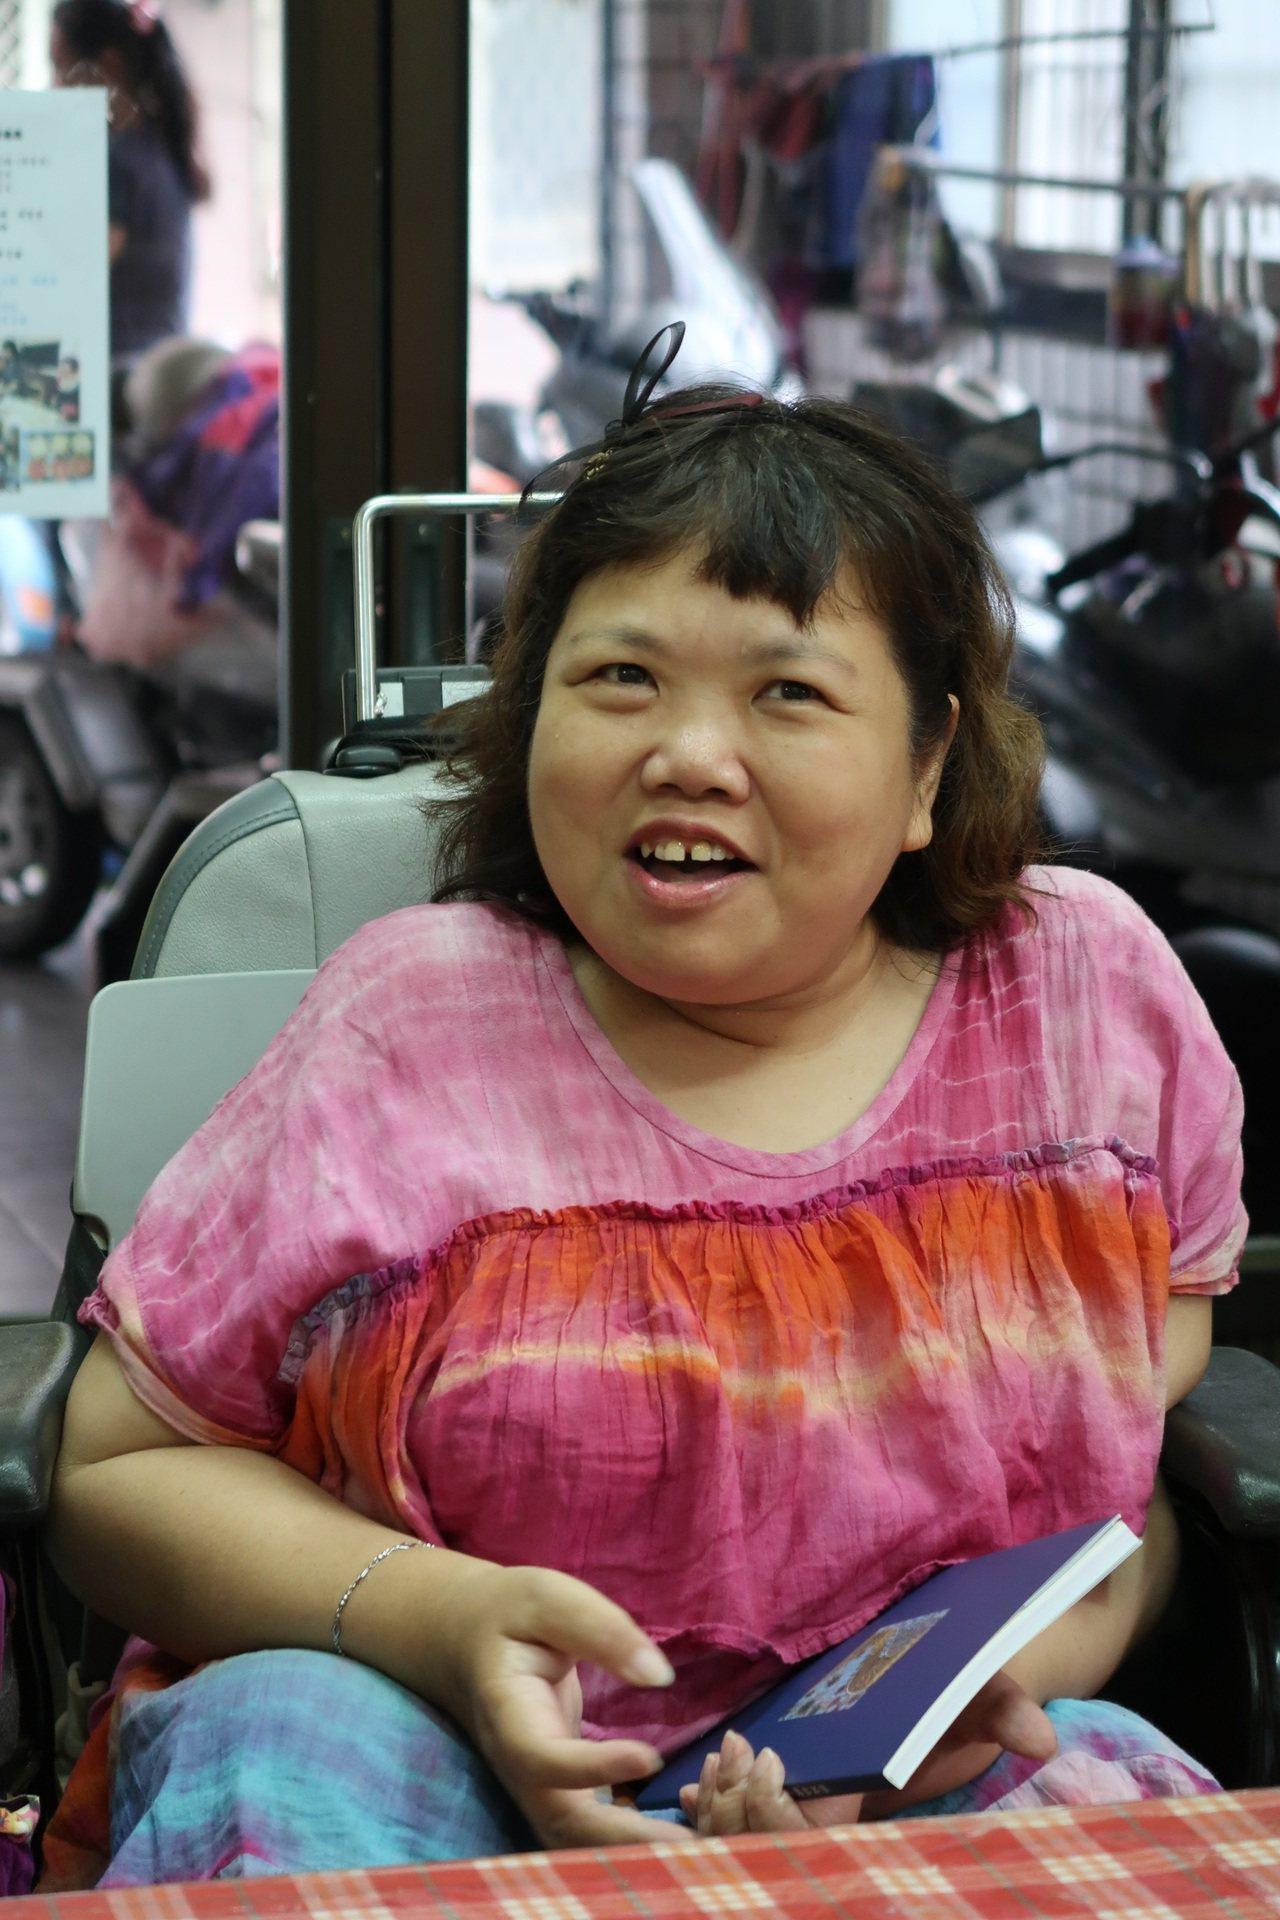 張汝珊形容自己「那個以前活在黑暗裡的小女孩,現在愈來愈快樂了」!記者翁禎霞/攝影